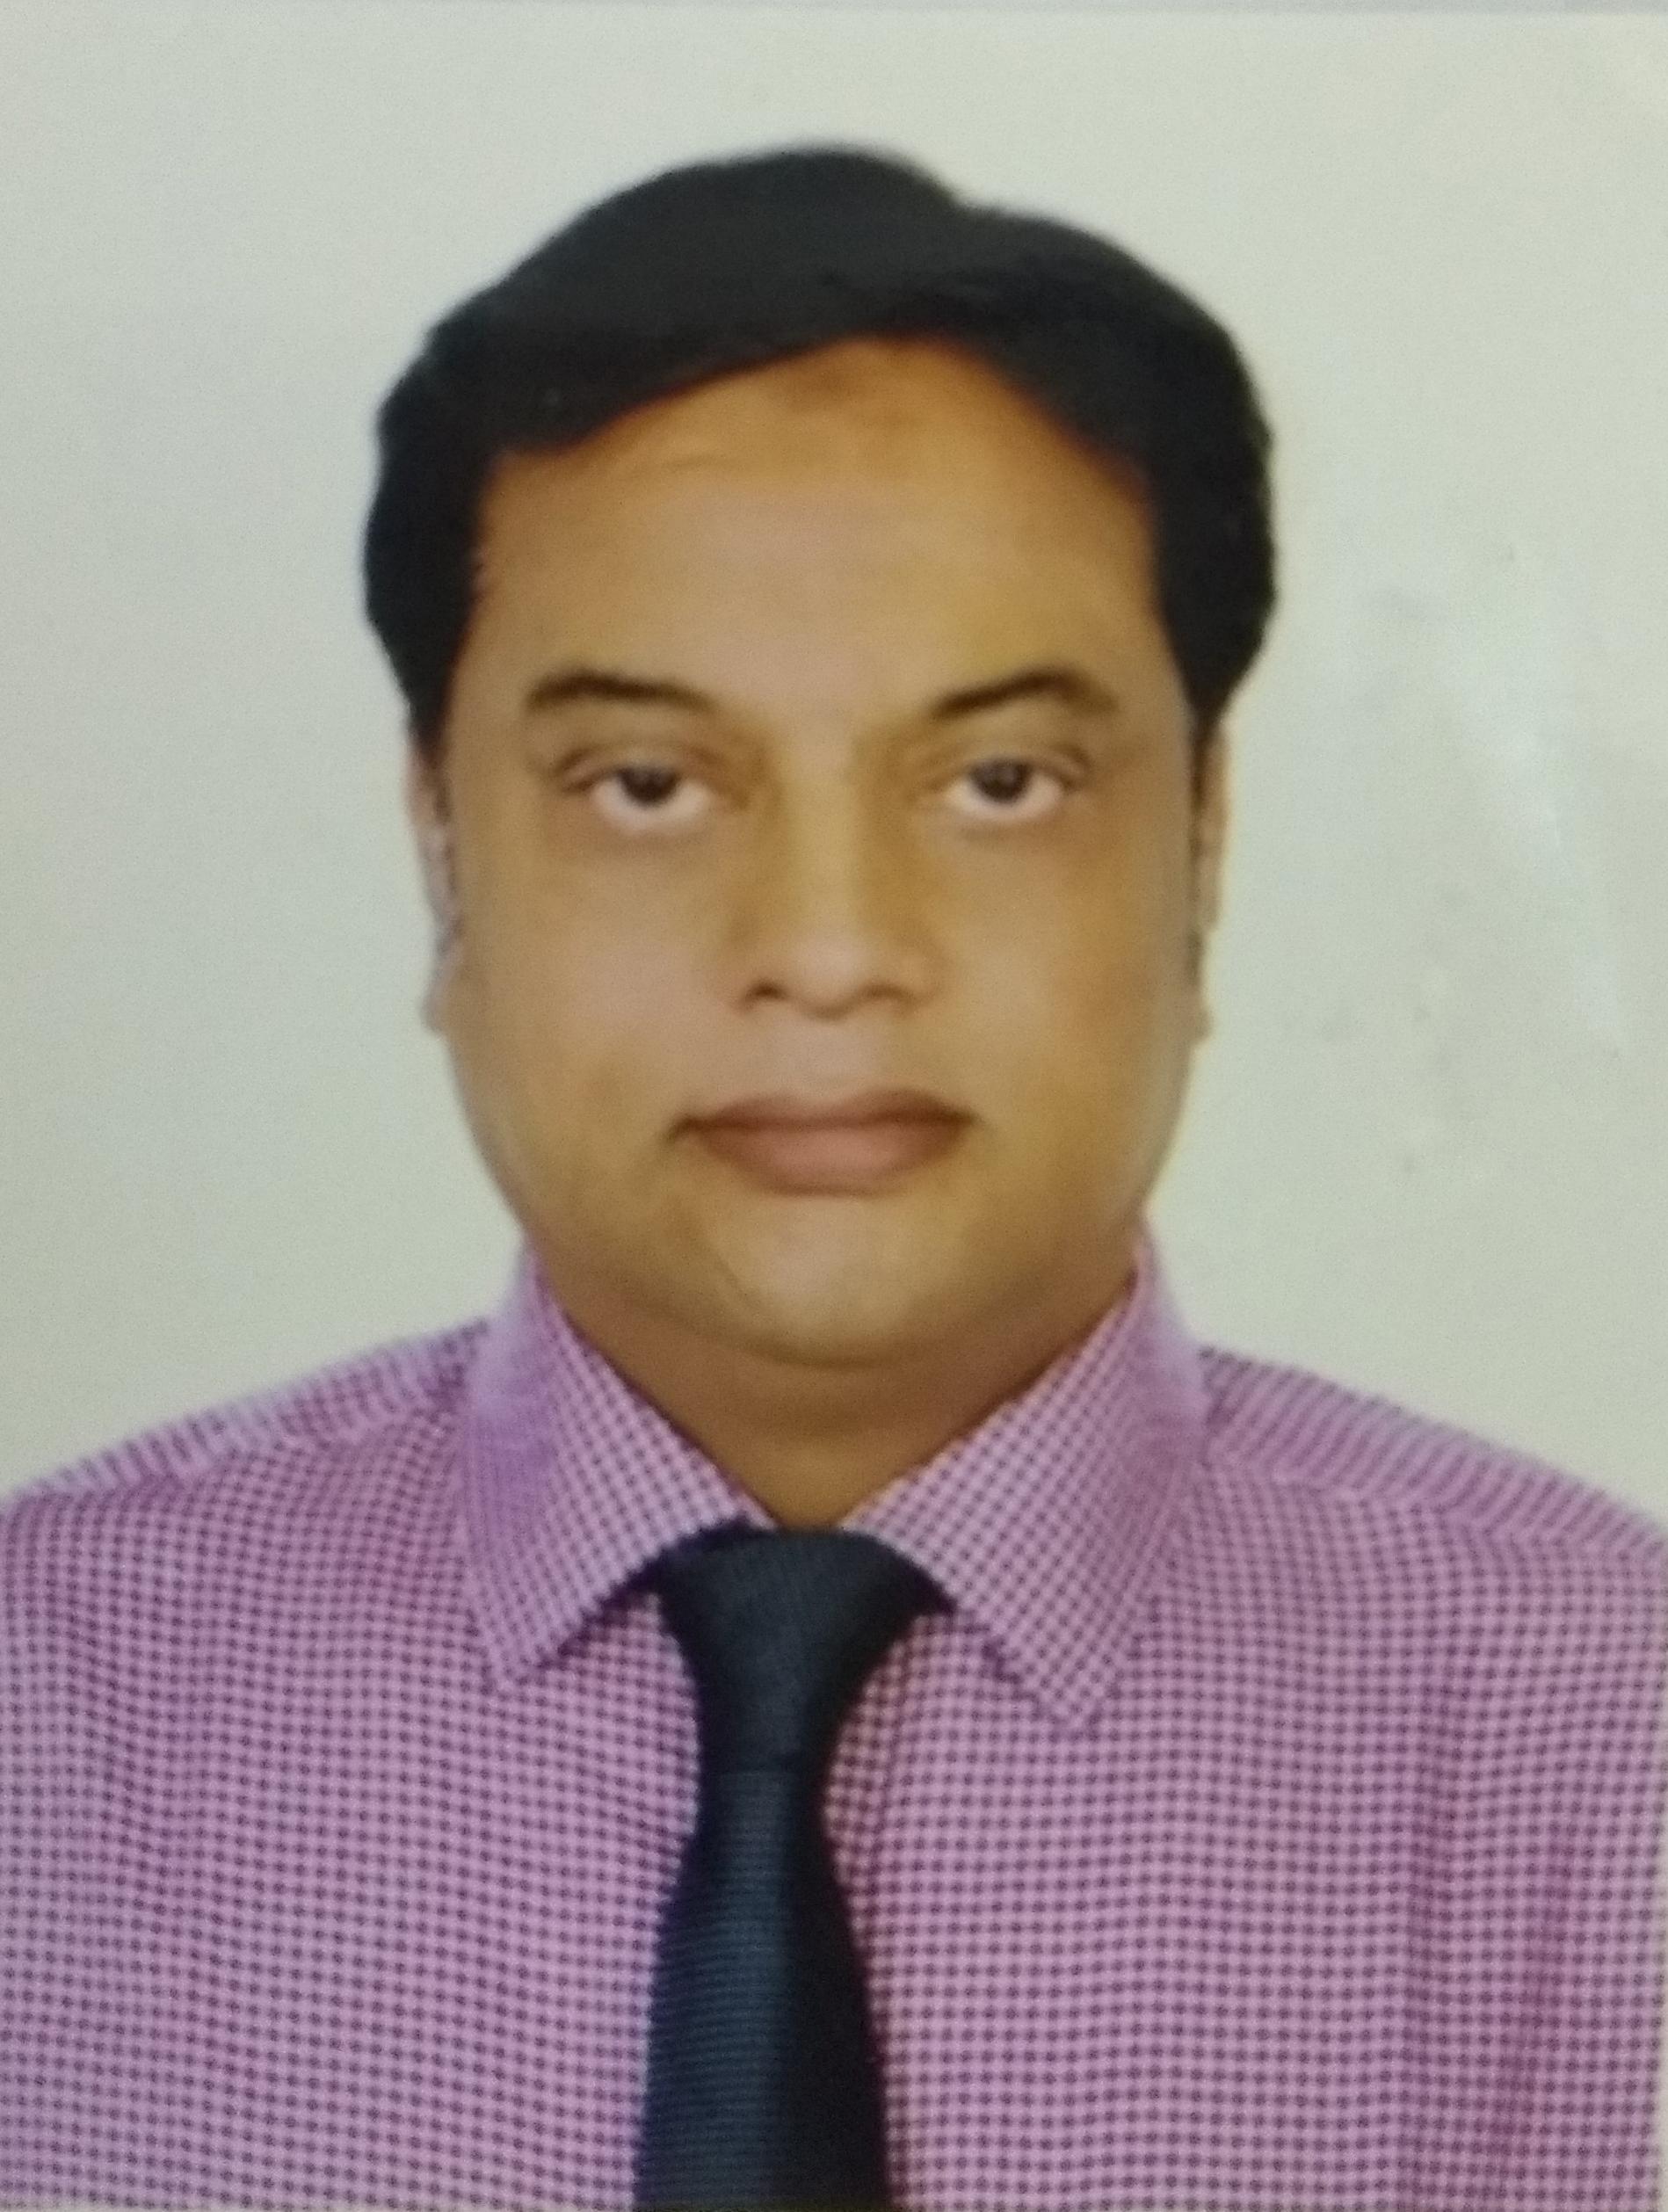 Mr. Maseur Rahman